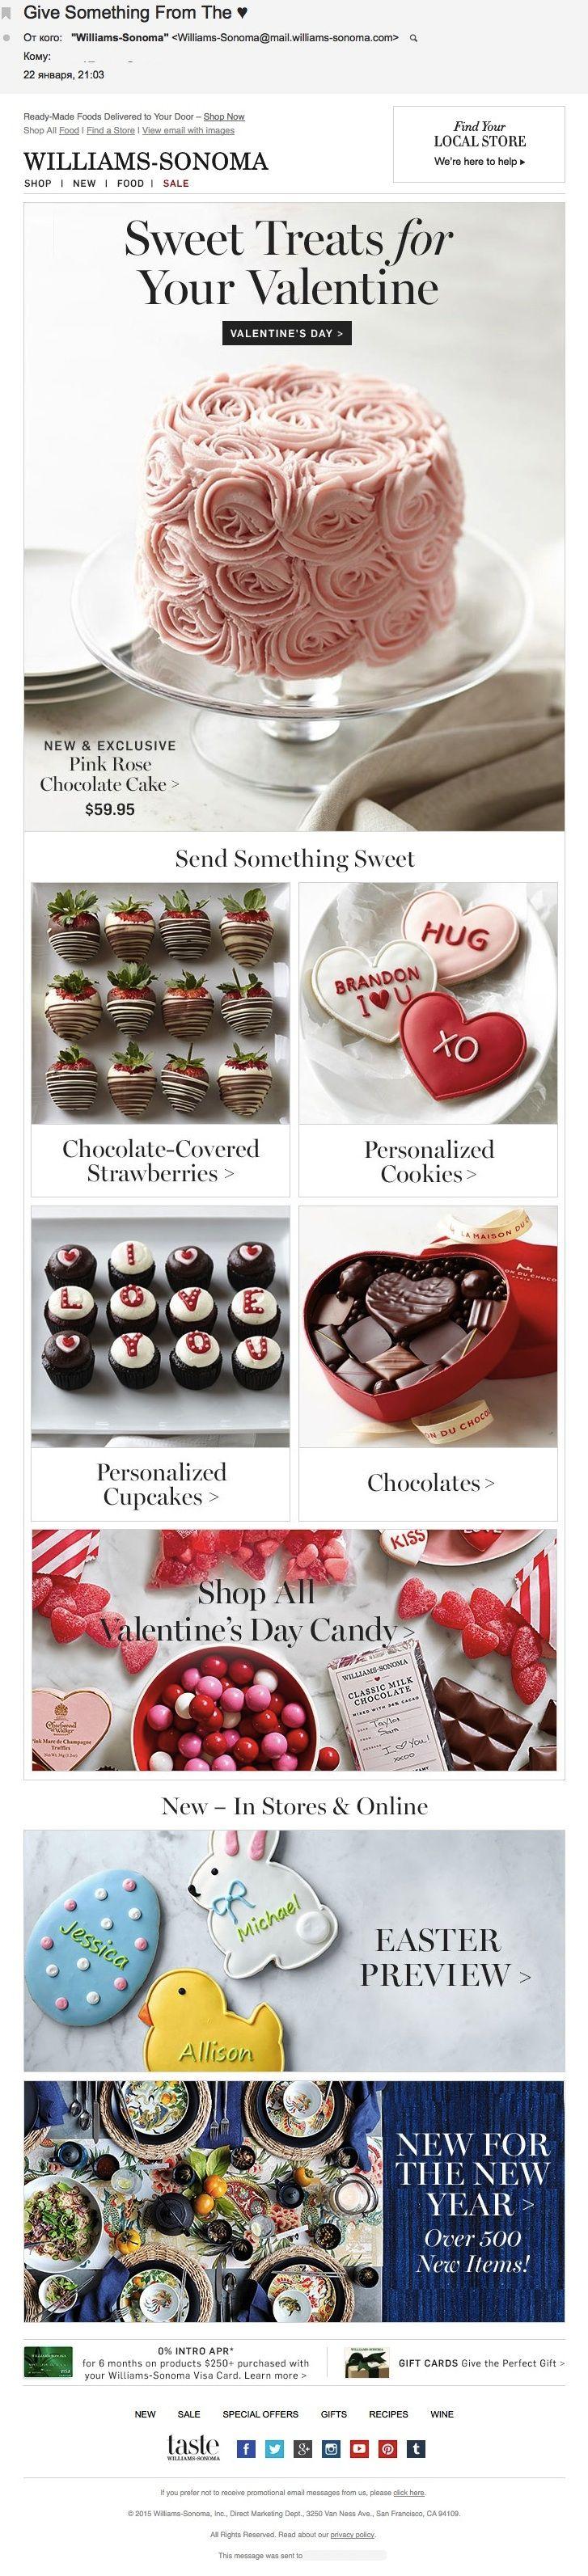 Williams-Sonoma: 14 февраля (22.01.15). Предлагает сладкий и вкусный дизайн ко Дню всех влюблённых — «сладкое вдохновение для вашего Валентина». Яркие цвета, конфеты, символы праздника создают по-настоящему романтическое настроение.